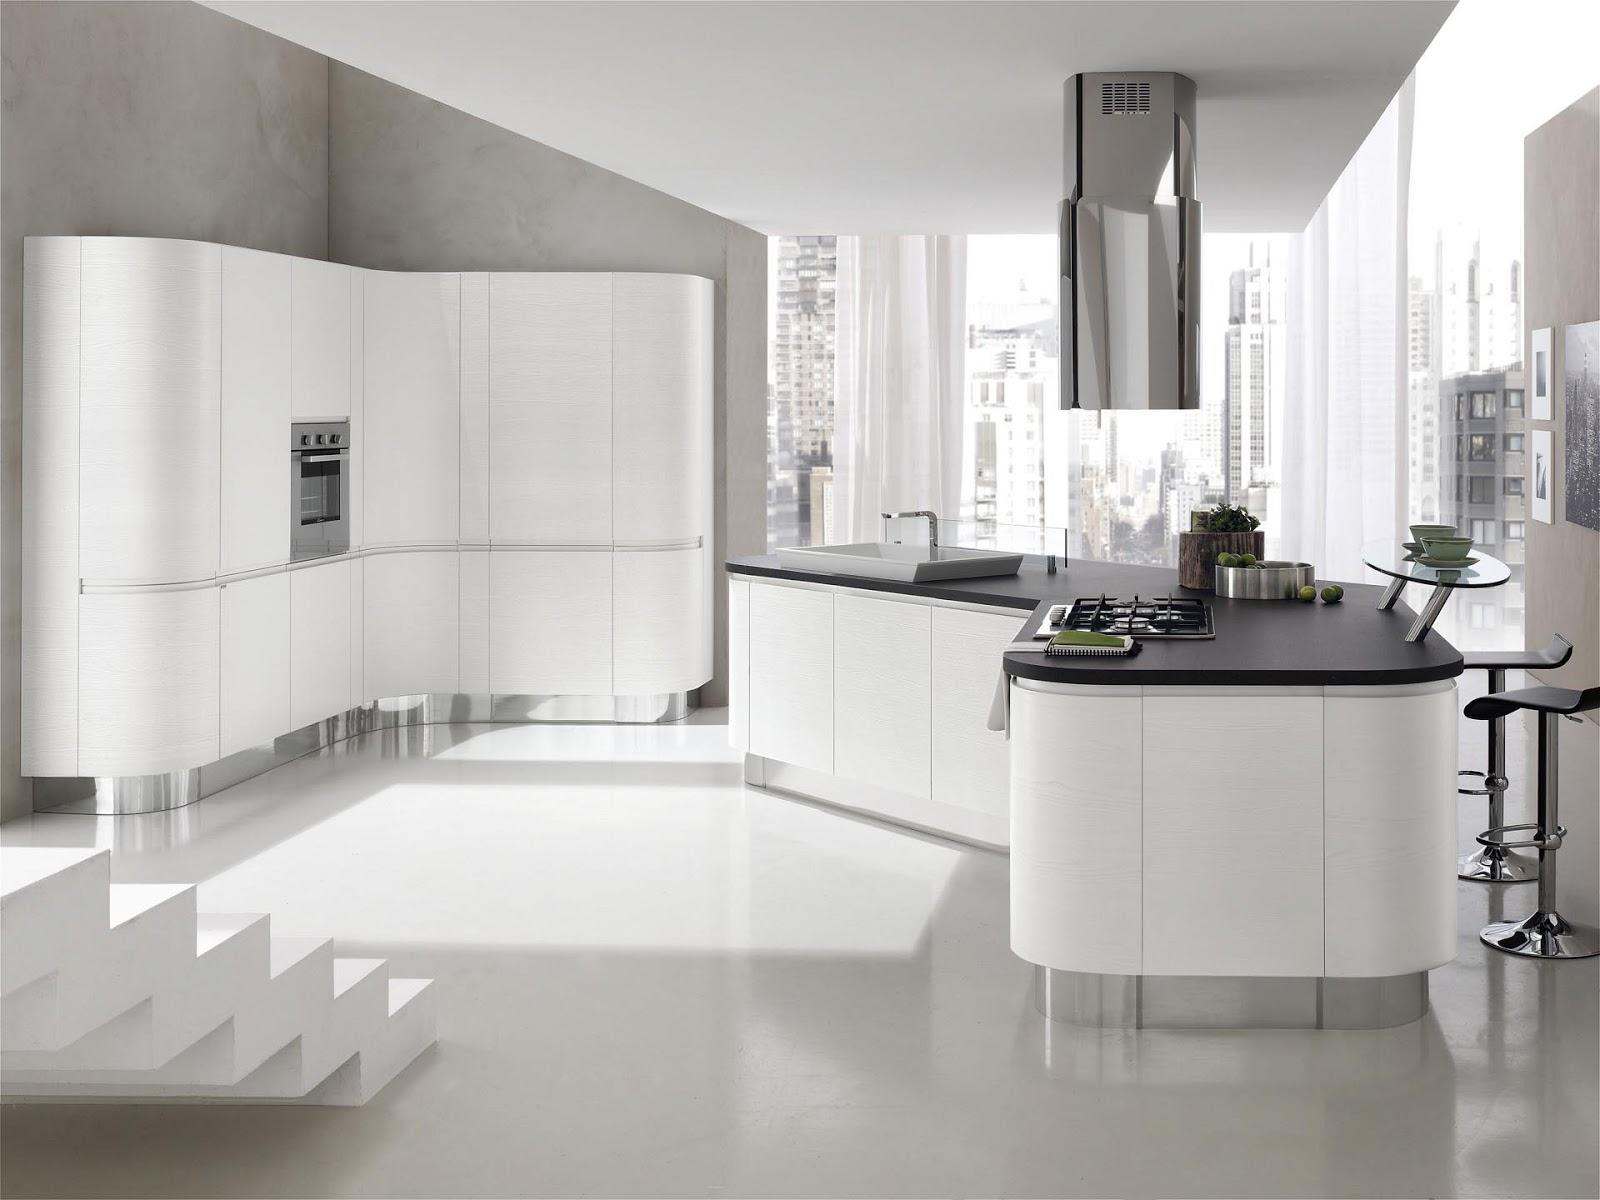 C mo distribuir el espacio en la cocina cocinas con - Disenar tu cocina ...